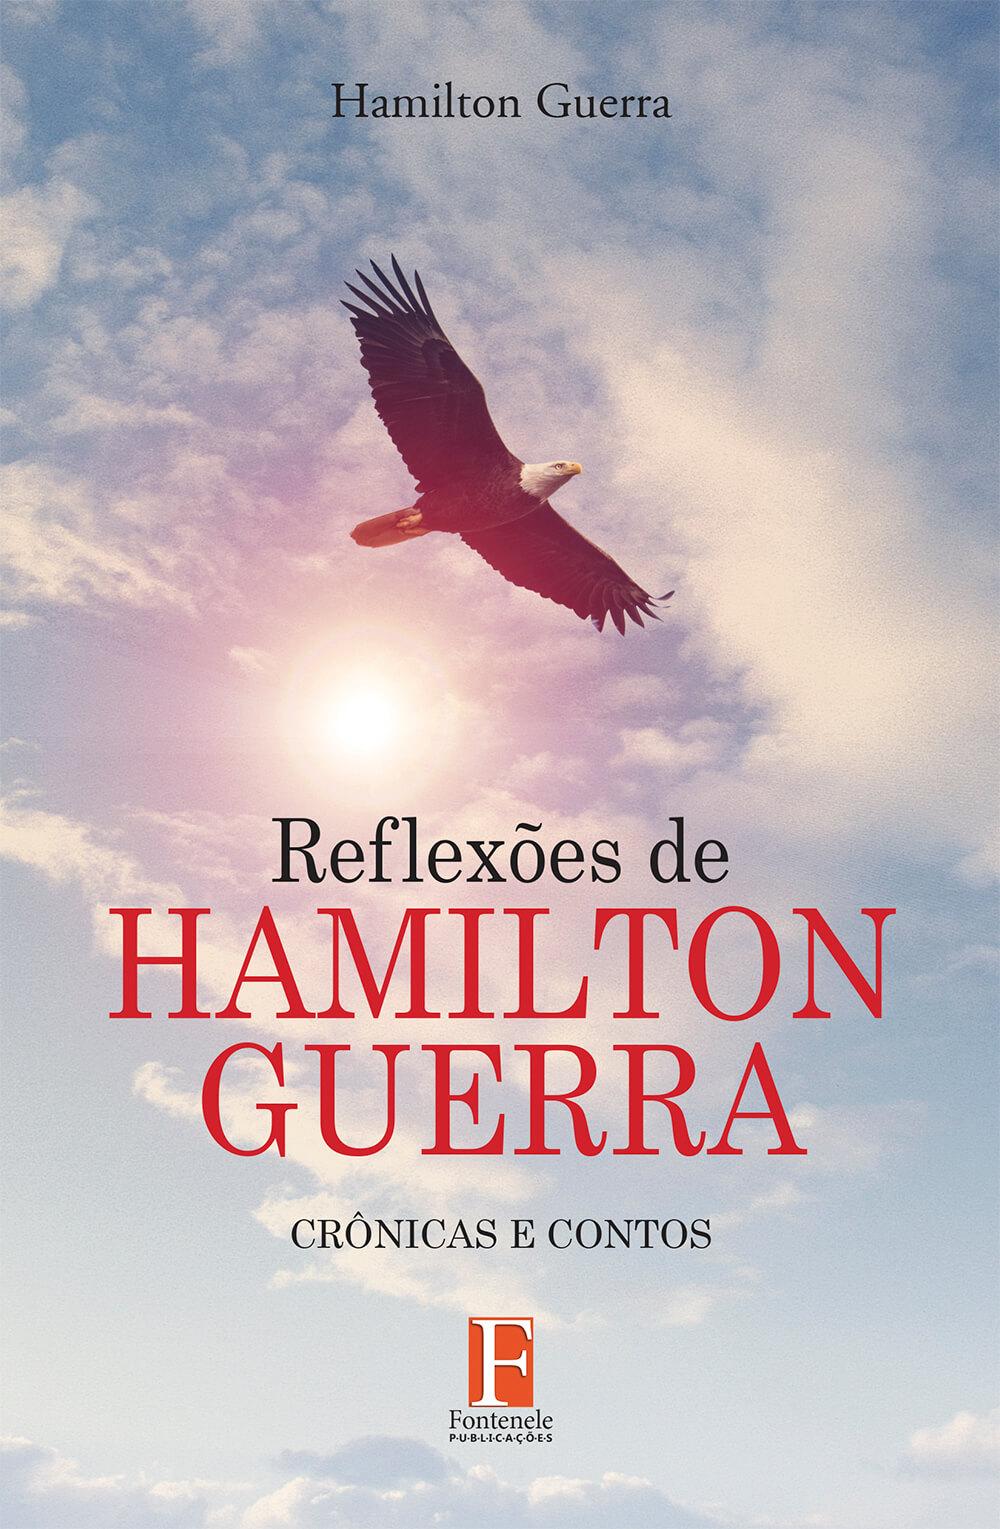 Fontenele Publicações / 11 95150-3481 / 11  95150-4383 REFLEXÕES DE HAMILTON GUERRA – CRÔNICAS E CONTOS